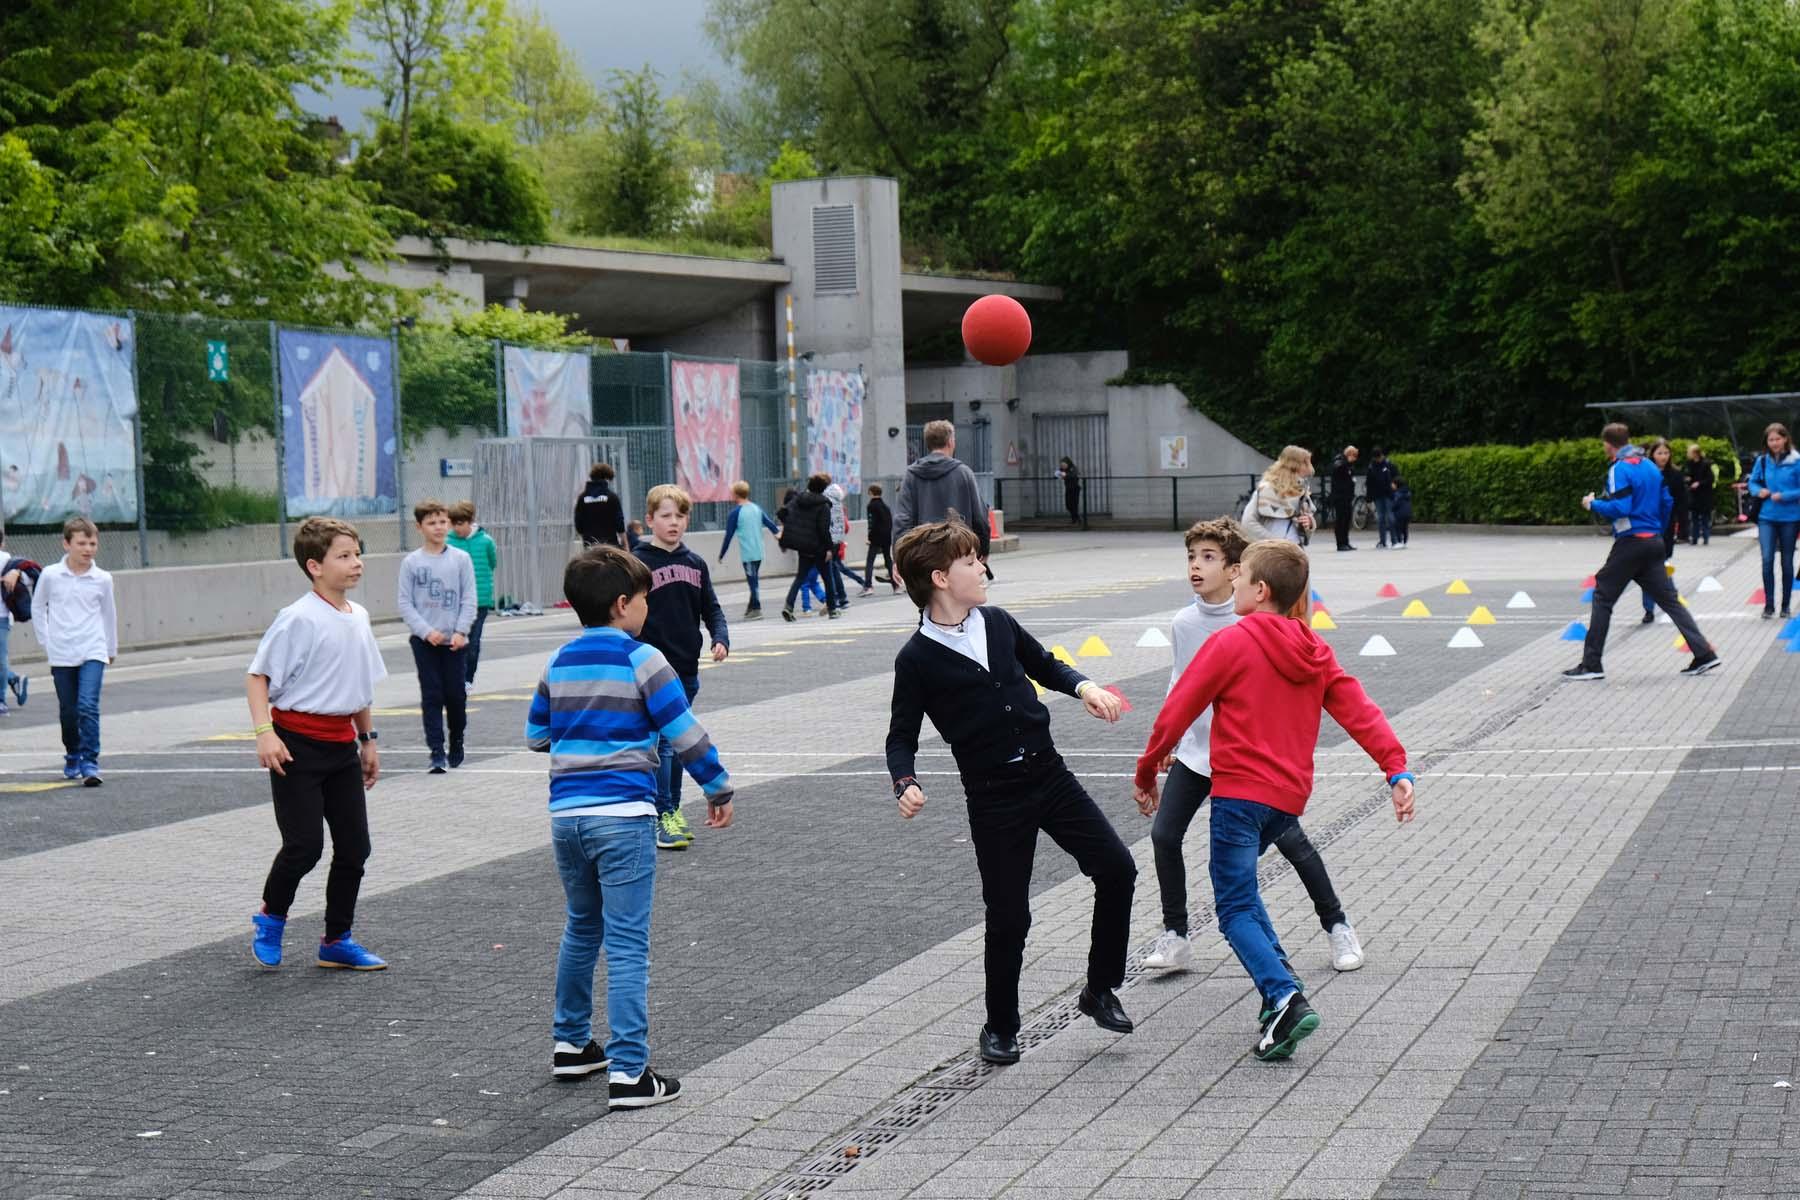 school in Belgium